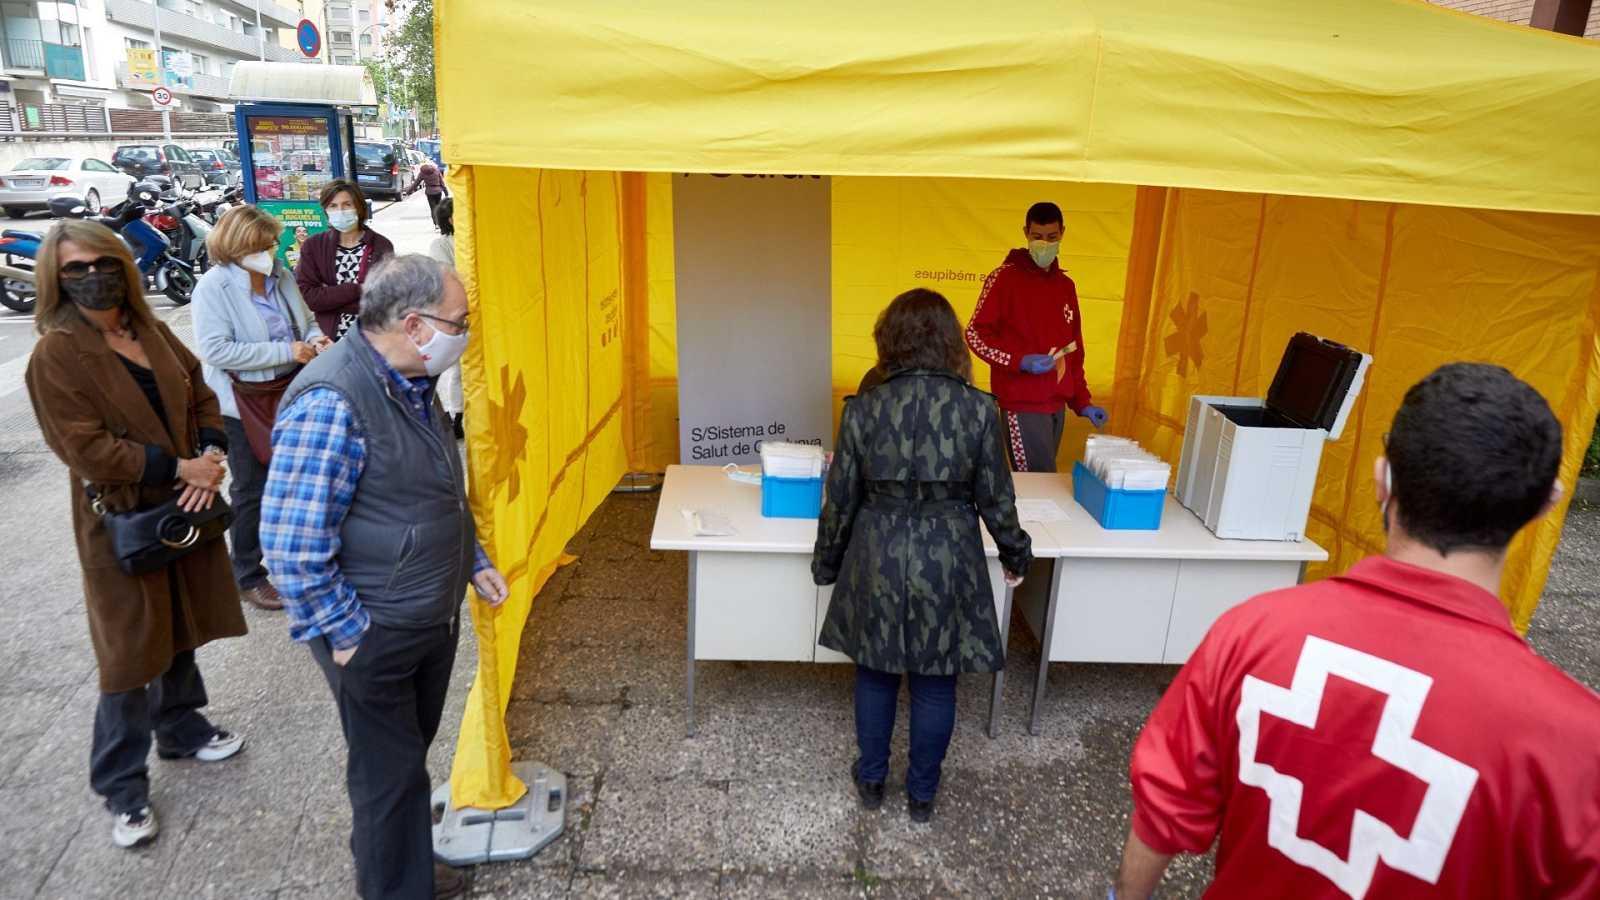 Cribado poblacional con PCR para detectar casos de coronavirus en Girona Cataluña